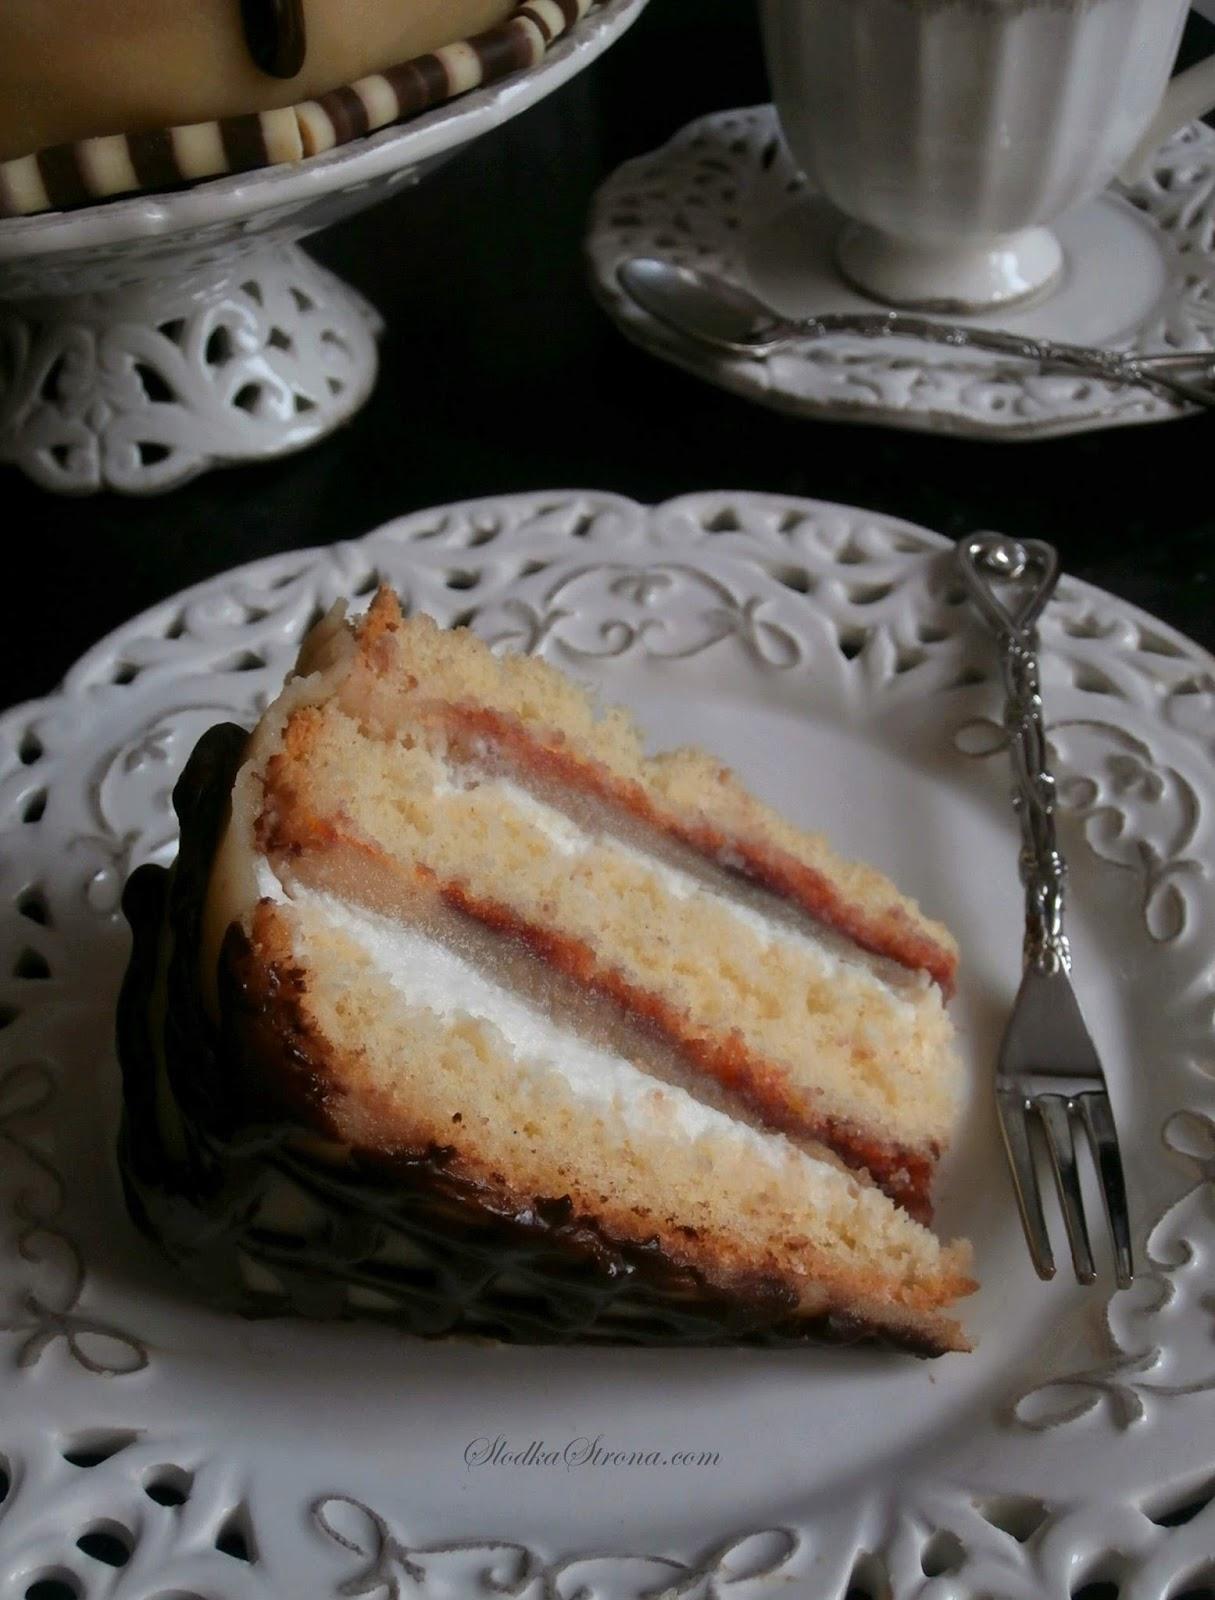 Tort Marcepanowy z Konfiturą z Róży, Masą Śmietanową oraz Polewą Czekoladową - Przepis - Słodka Strona